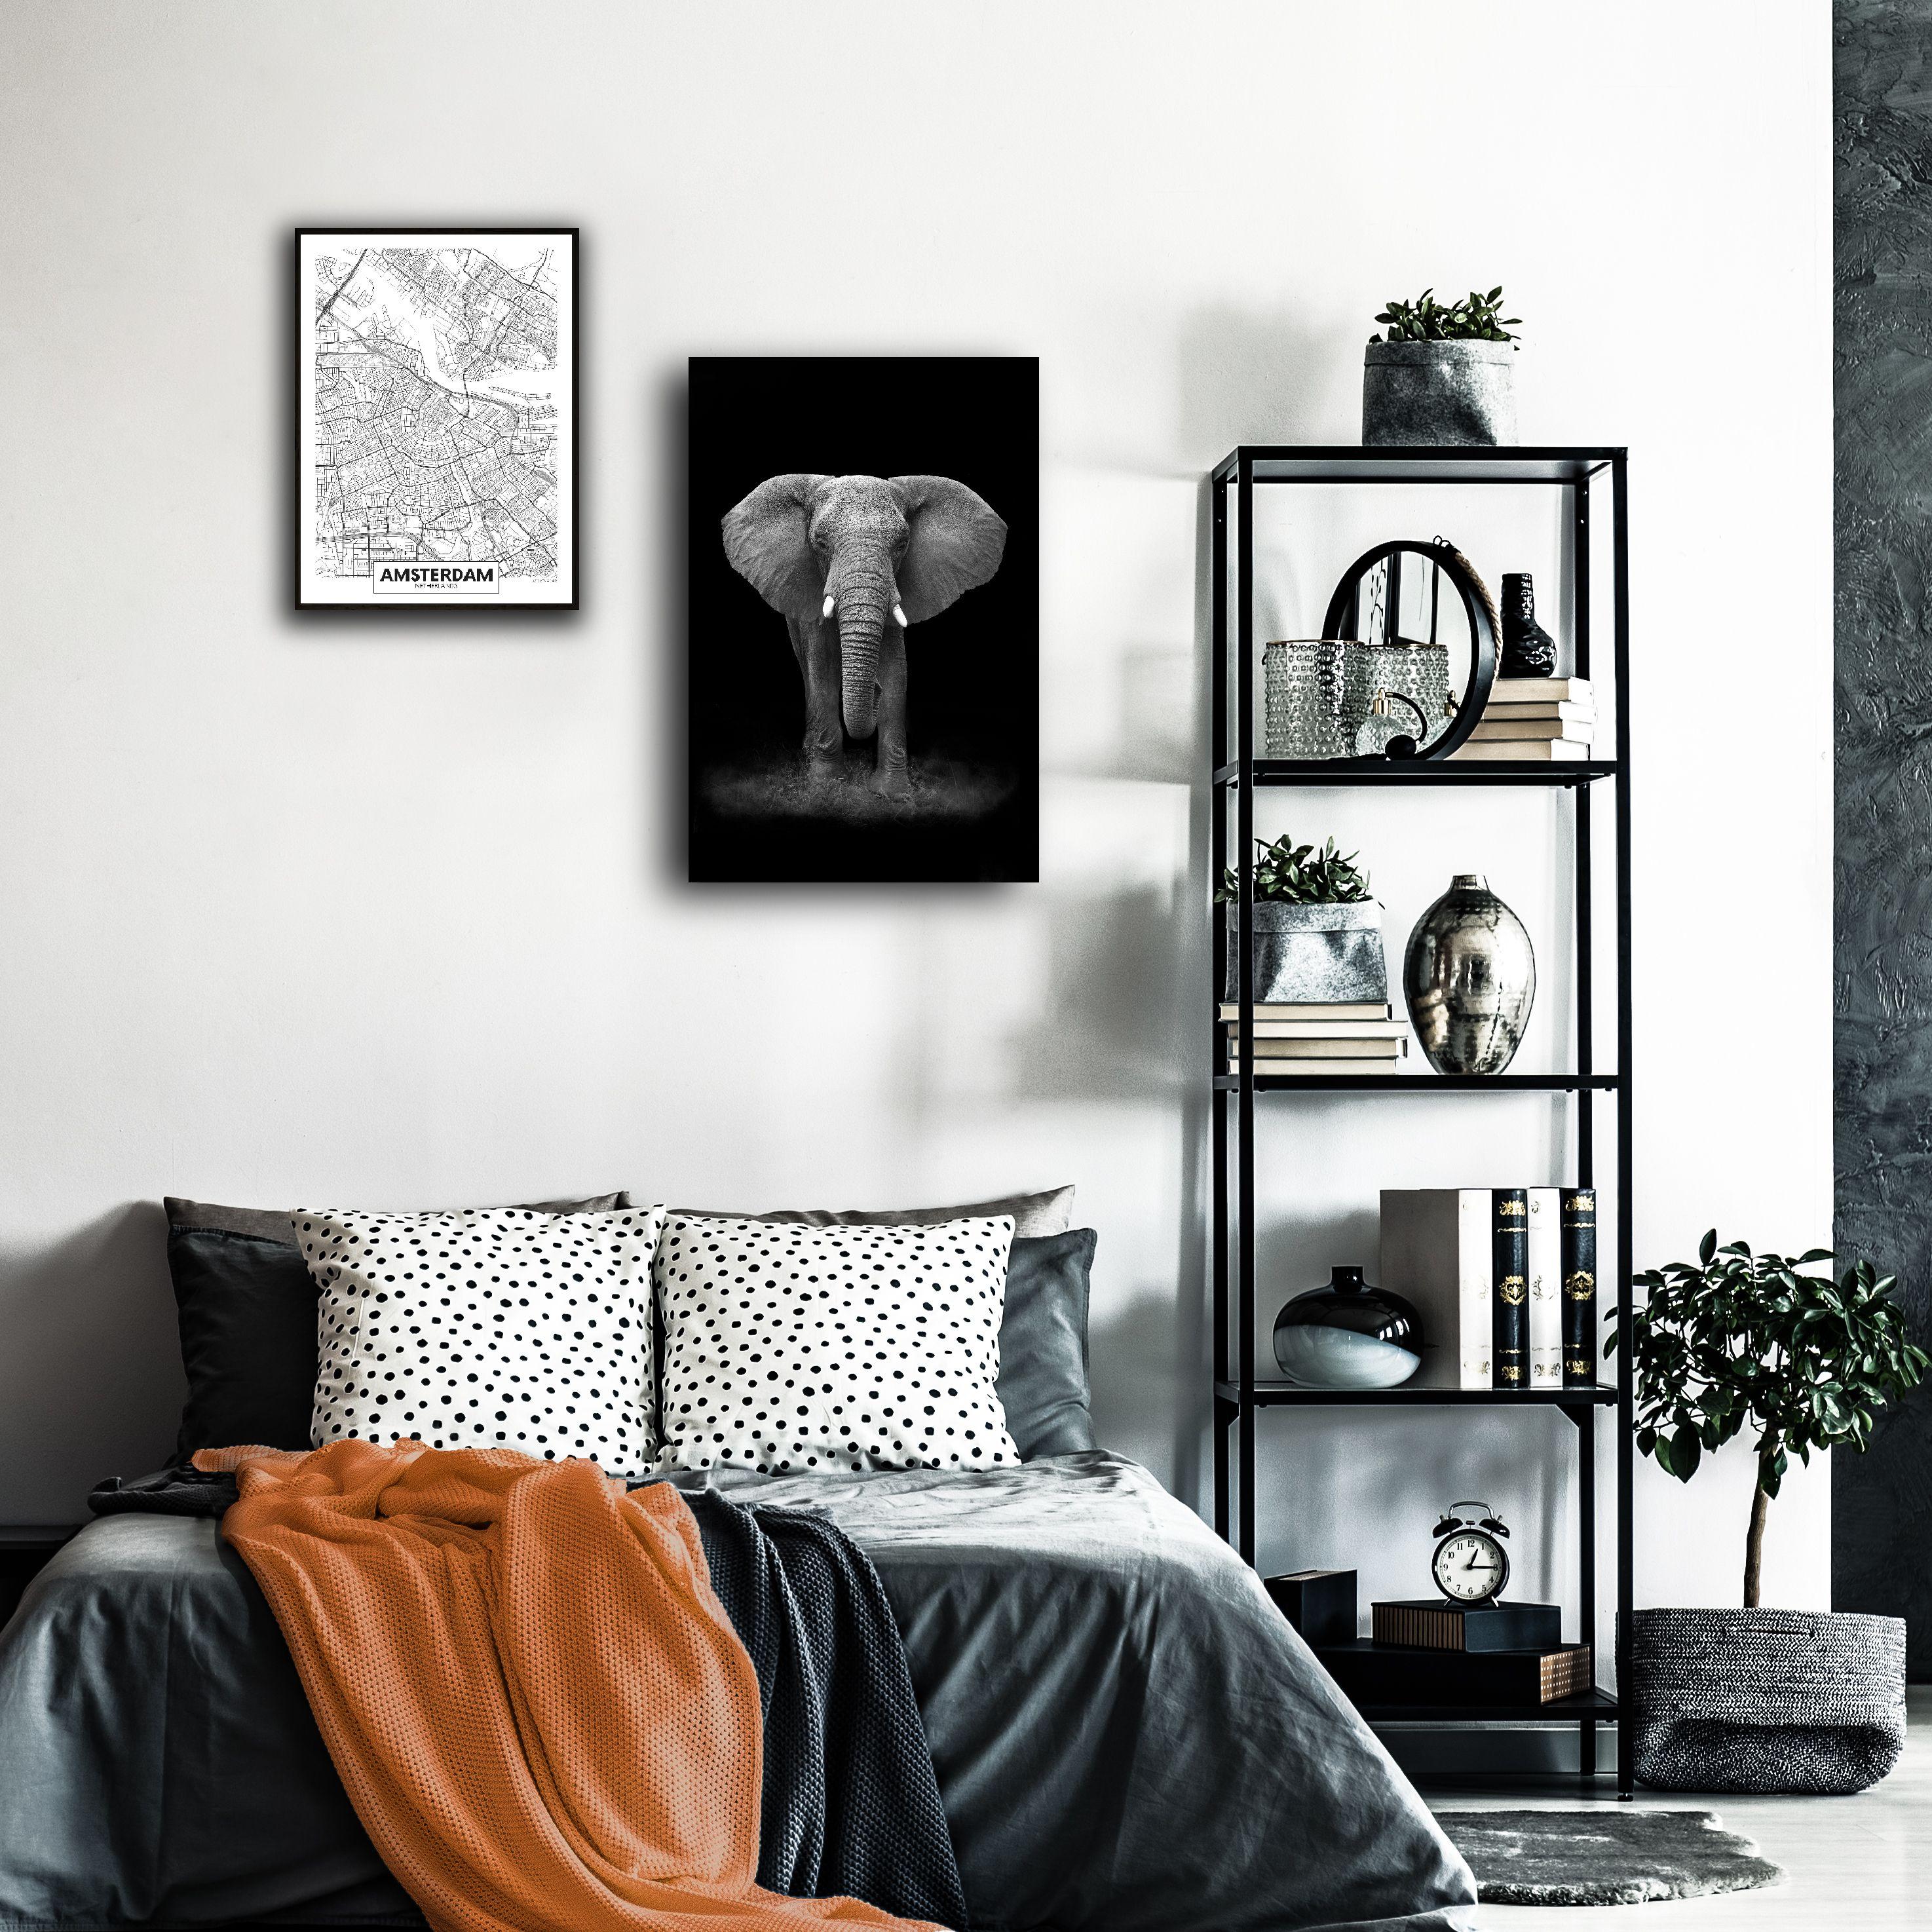 Muurdecoratie Slaapkamer Small Bedroom Home Decor Home